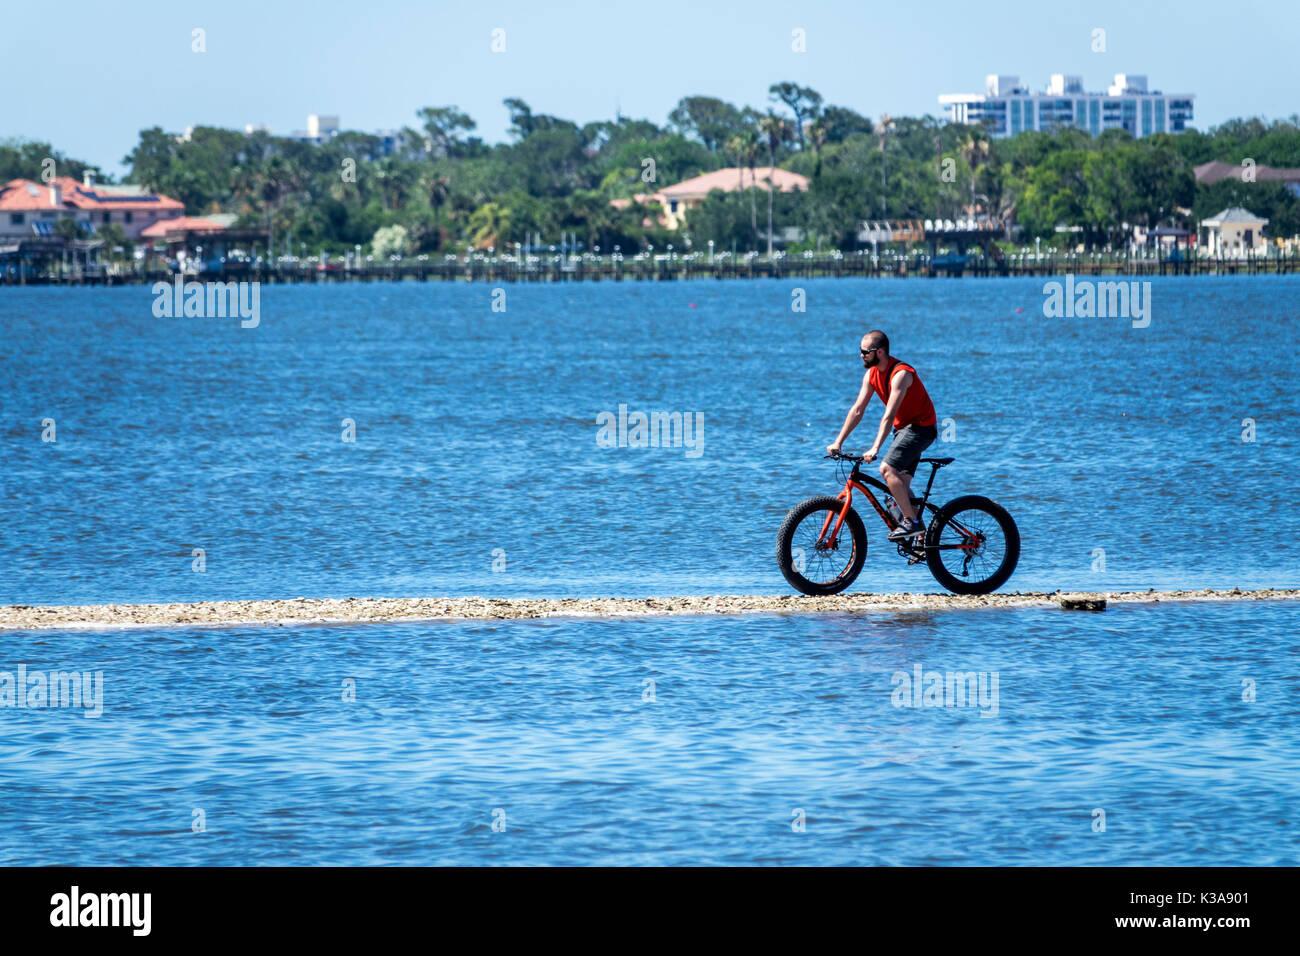 Florida Ormond Beach Halifax molo sul Fiume alta marea bicicletta Ciclismo uomo acqua beach pneumatici Immagini Stock